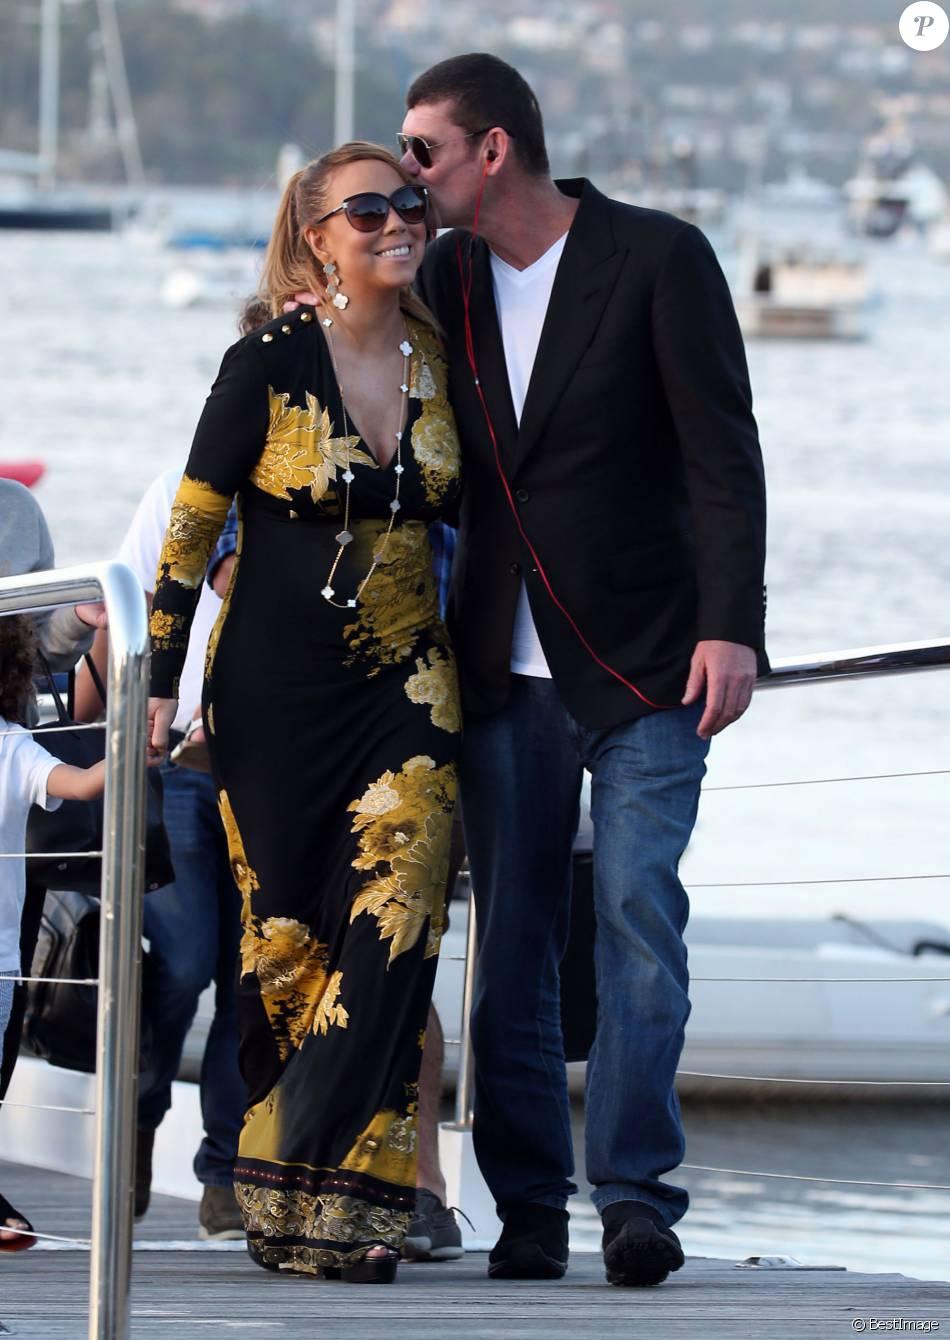 Exclusif - Mariah Carey, son compagnon James Packer et ses enfants Moroccan et Monroe sont arrivés à Sydney en Australie, avant de rejoindre Lachlan Murdoch (fils de l'homme d'affaires australo-américain Rupert Murdoch) et sa femme Sarah sur leur voilier de luxe de 42,6 mètres (le Sarissa) sur le port de Sydney pour une fête du jour de l'an le 1er janvier 2016 .